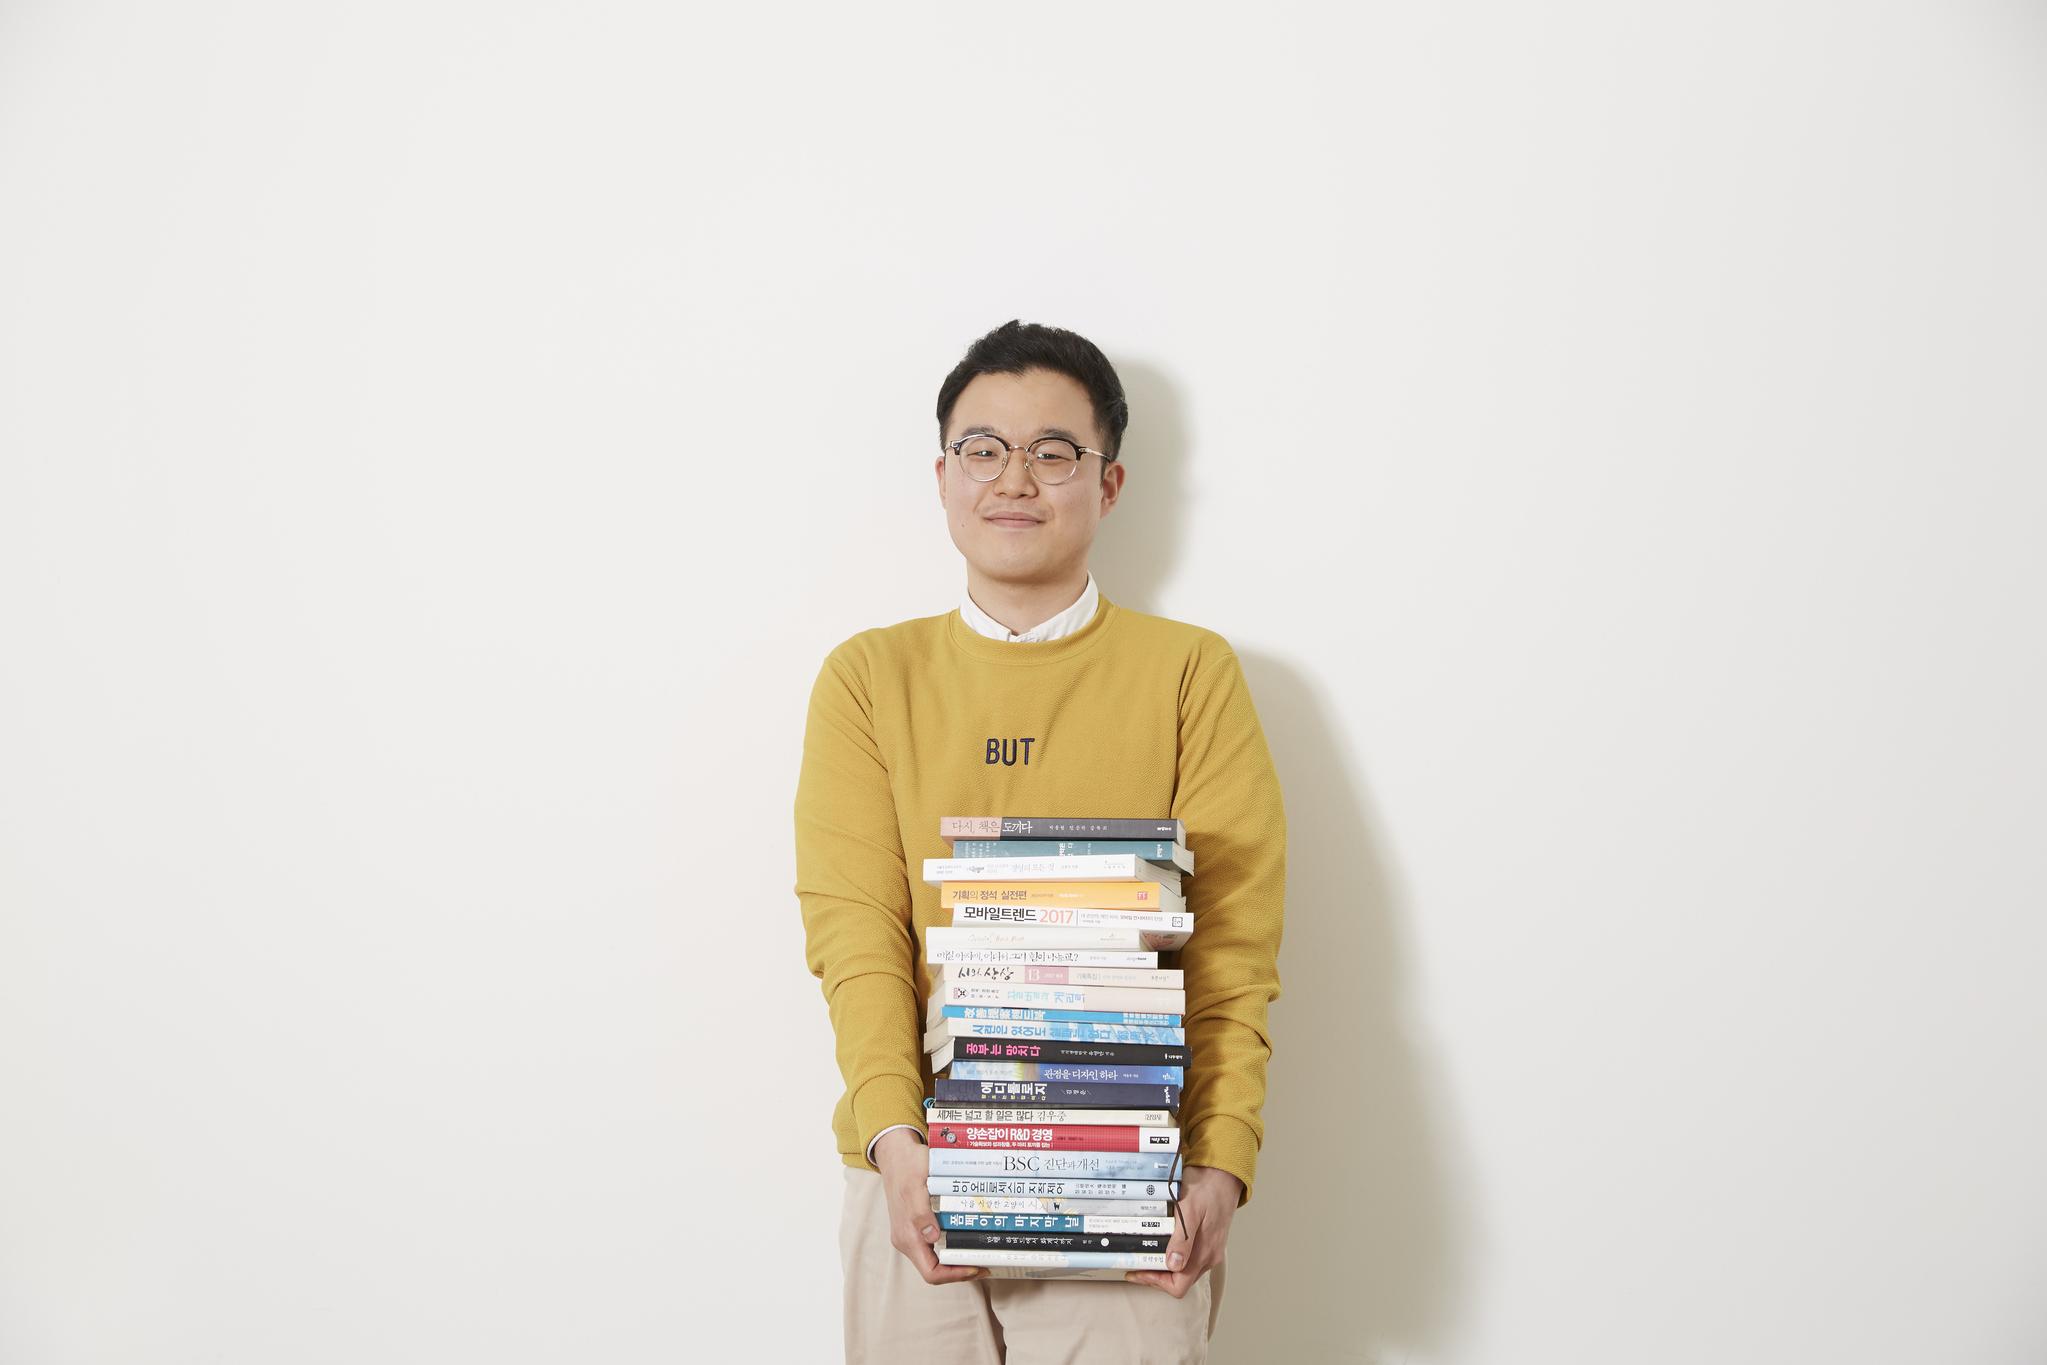 한국콜마의 사내 다독왕으로 선정된 박창희 연구원.[사진 한국콜마]